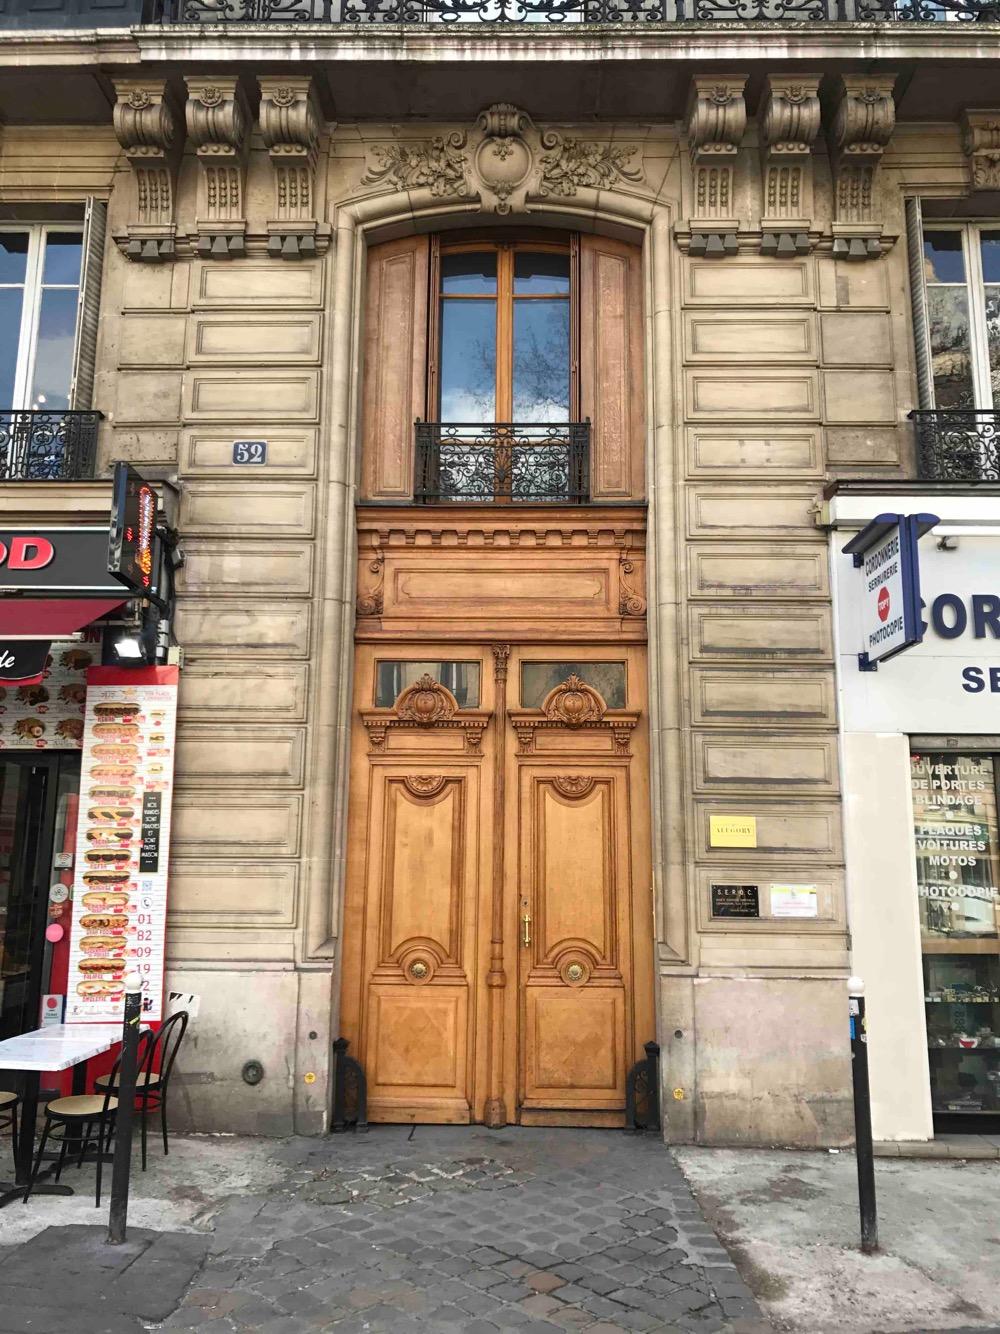 Porte Cochère Avec Baie D\'entresol Magnifiquement Lasurée - 52 Avenue De La République - Paris 11